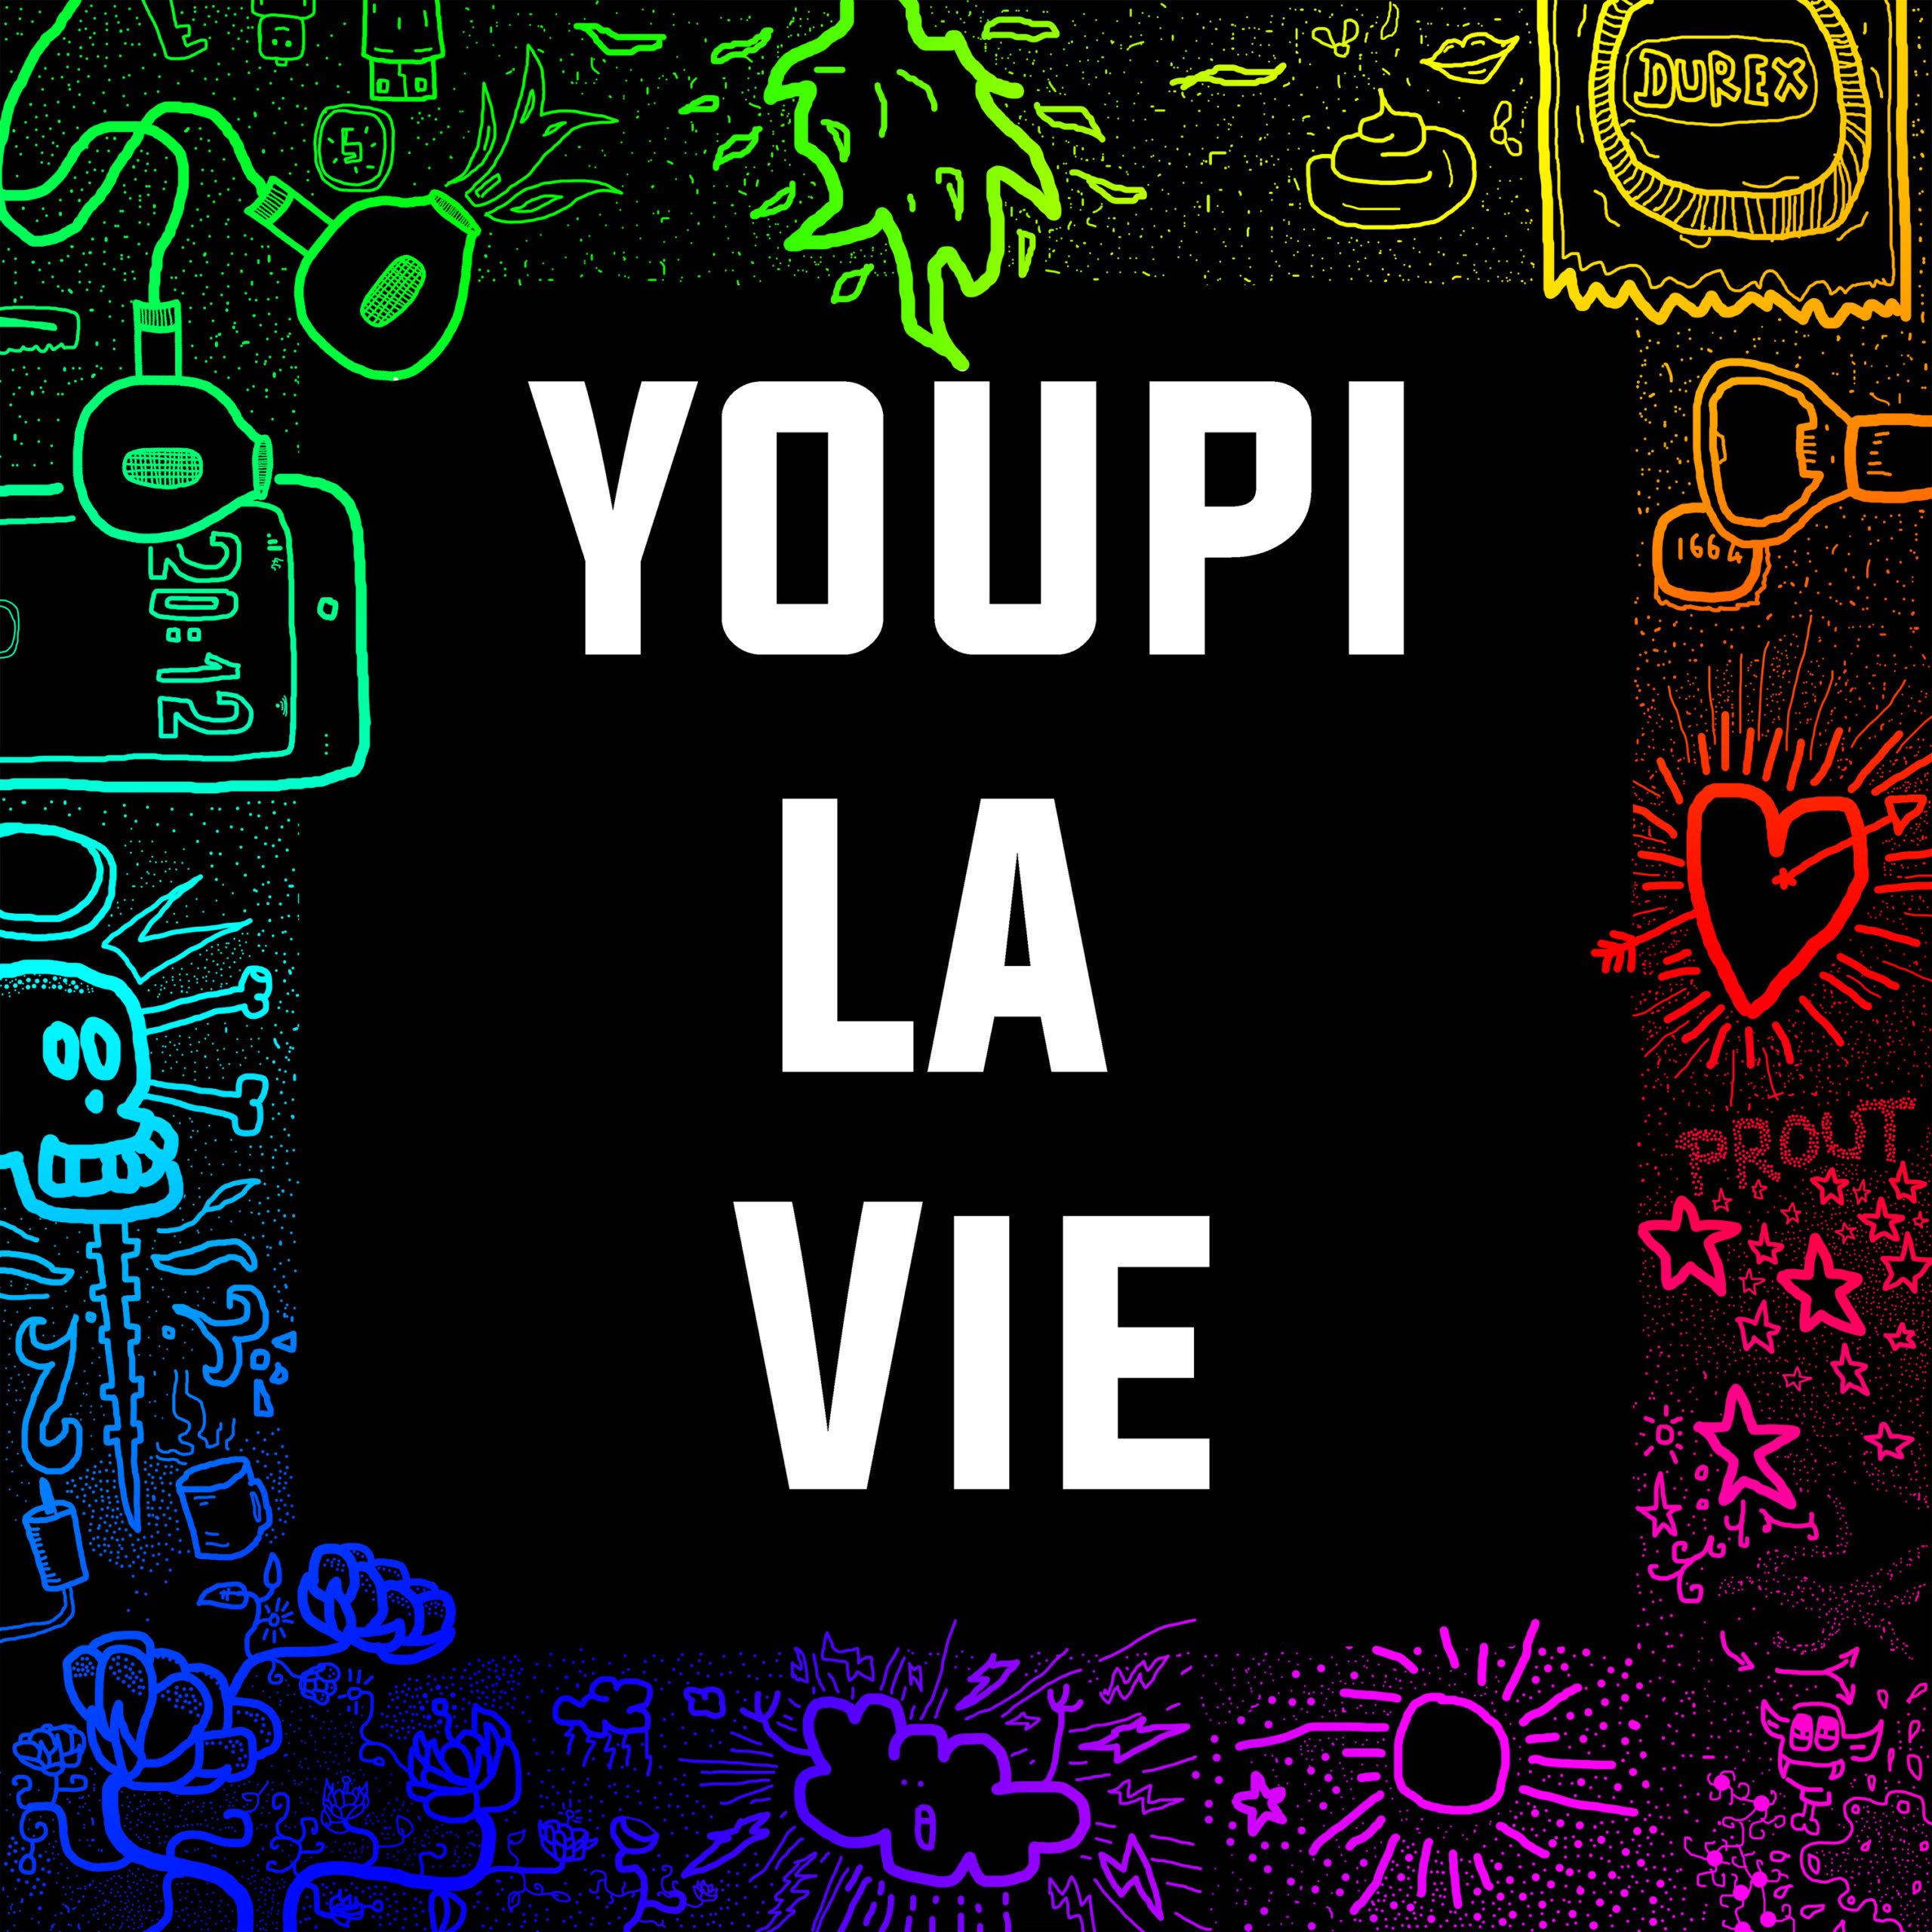 Youpi La Vie